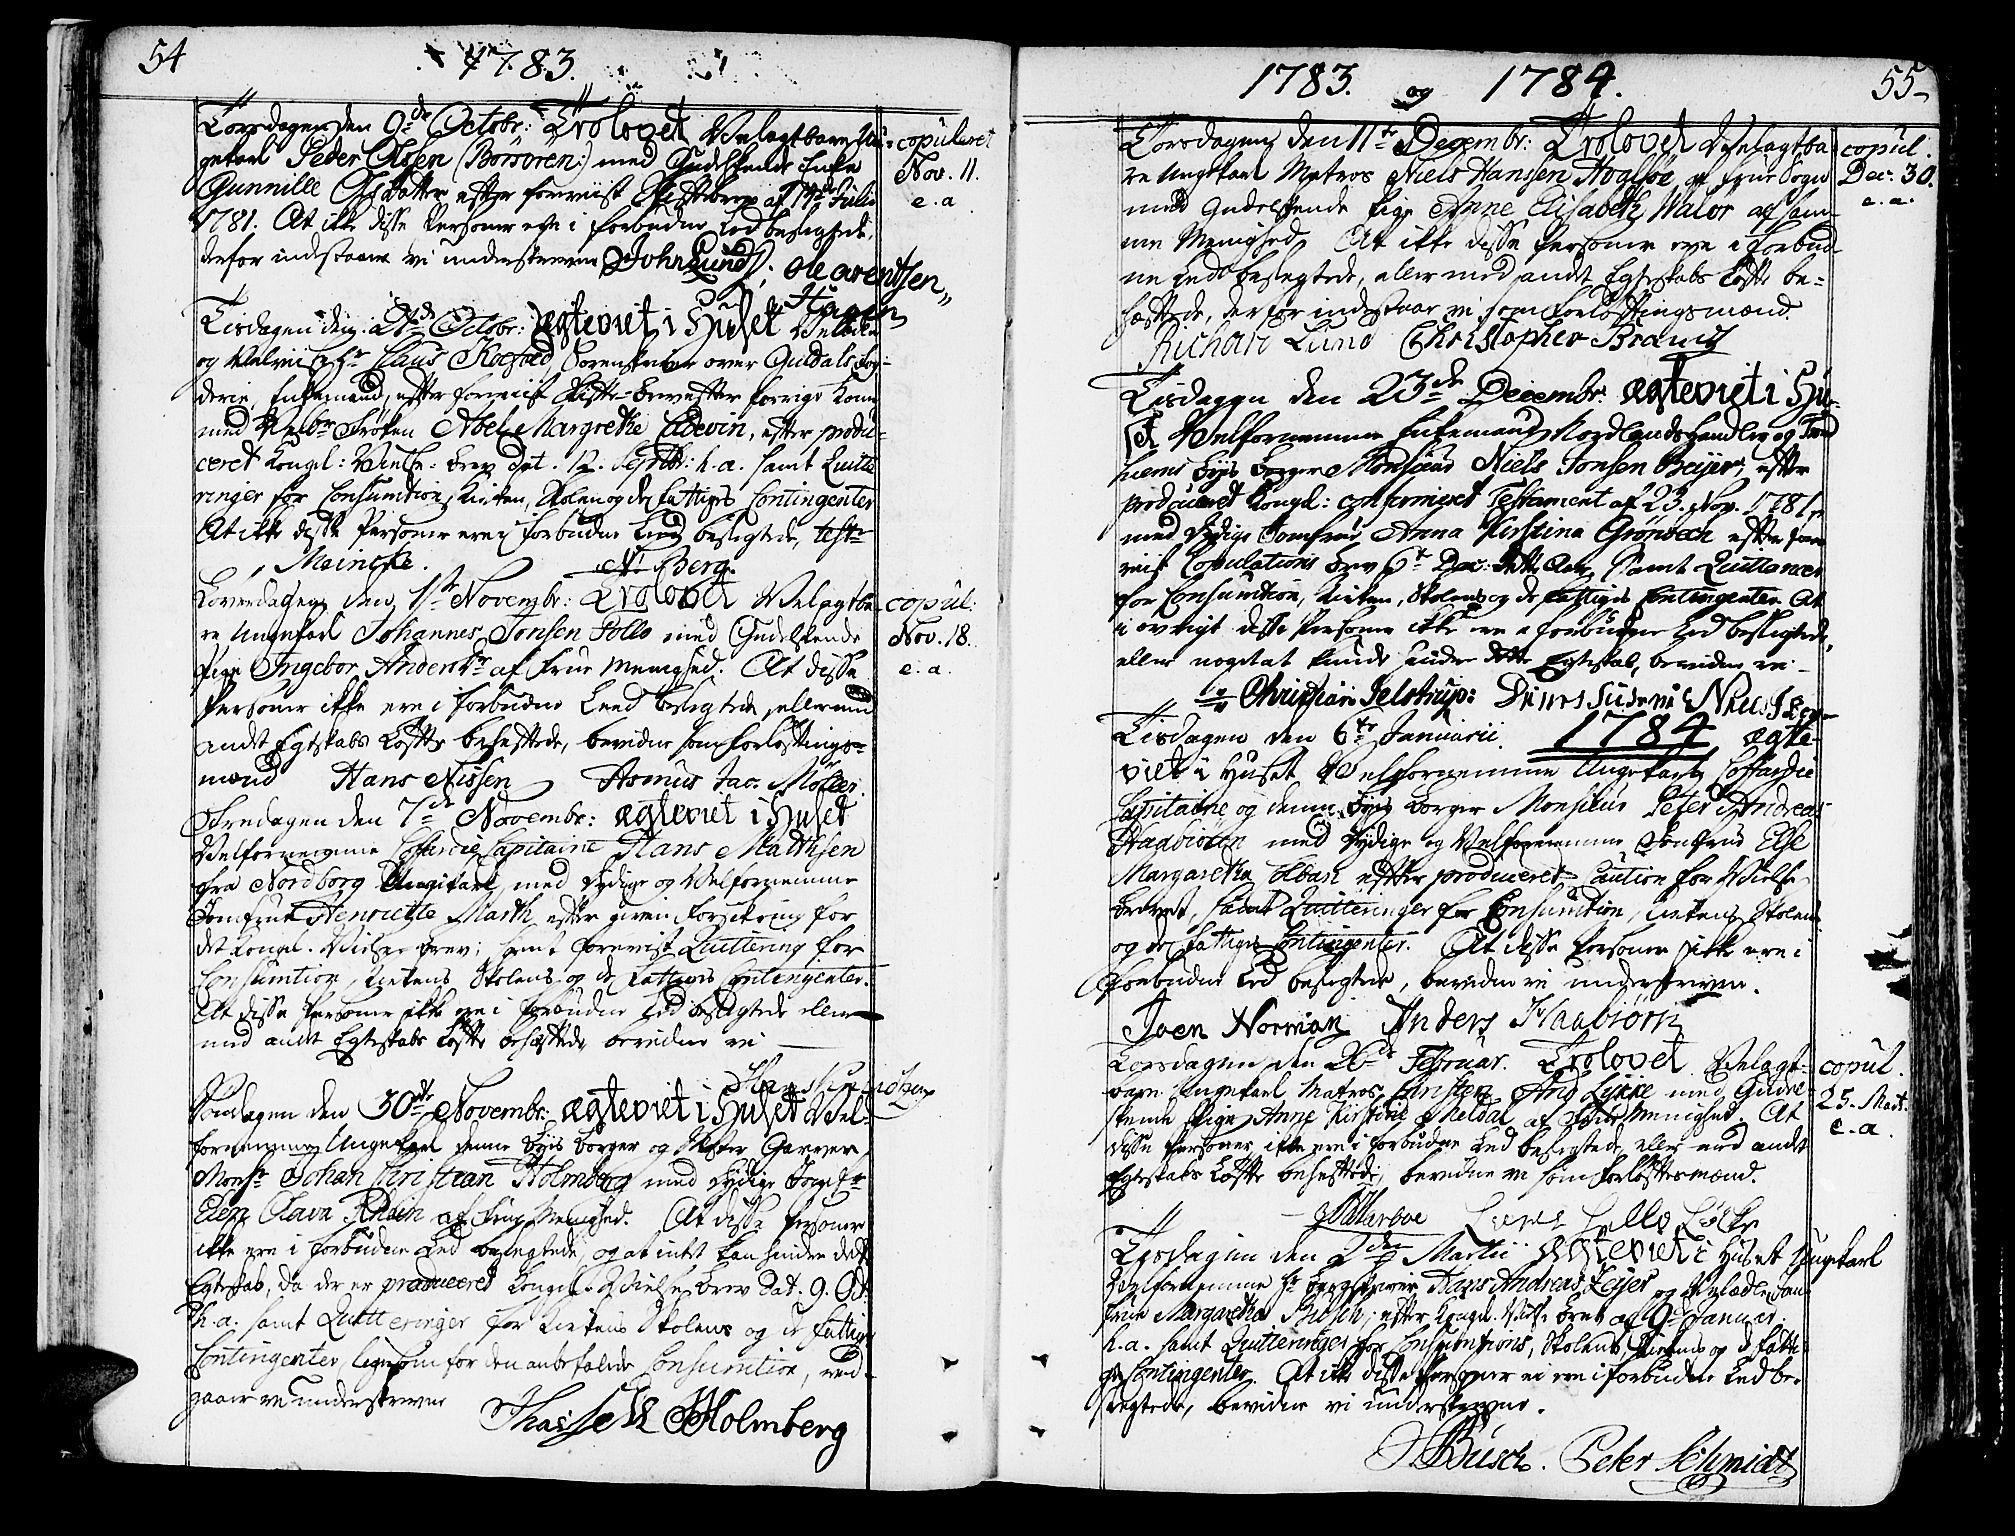 SAT, Ministerialprotokoller, klokkerbøker og fødselsregistre - Sør-Trøndelag, 602/L0105: Ministerialbok nr. 602A03, 1774-1814, s. 54-55